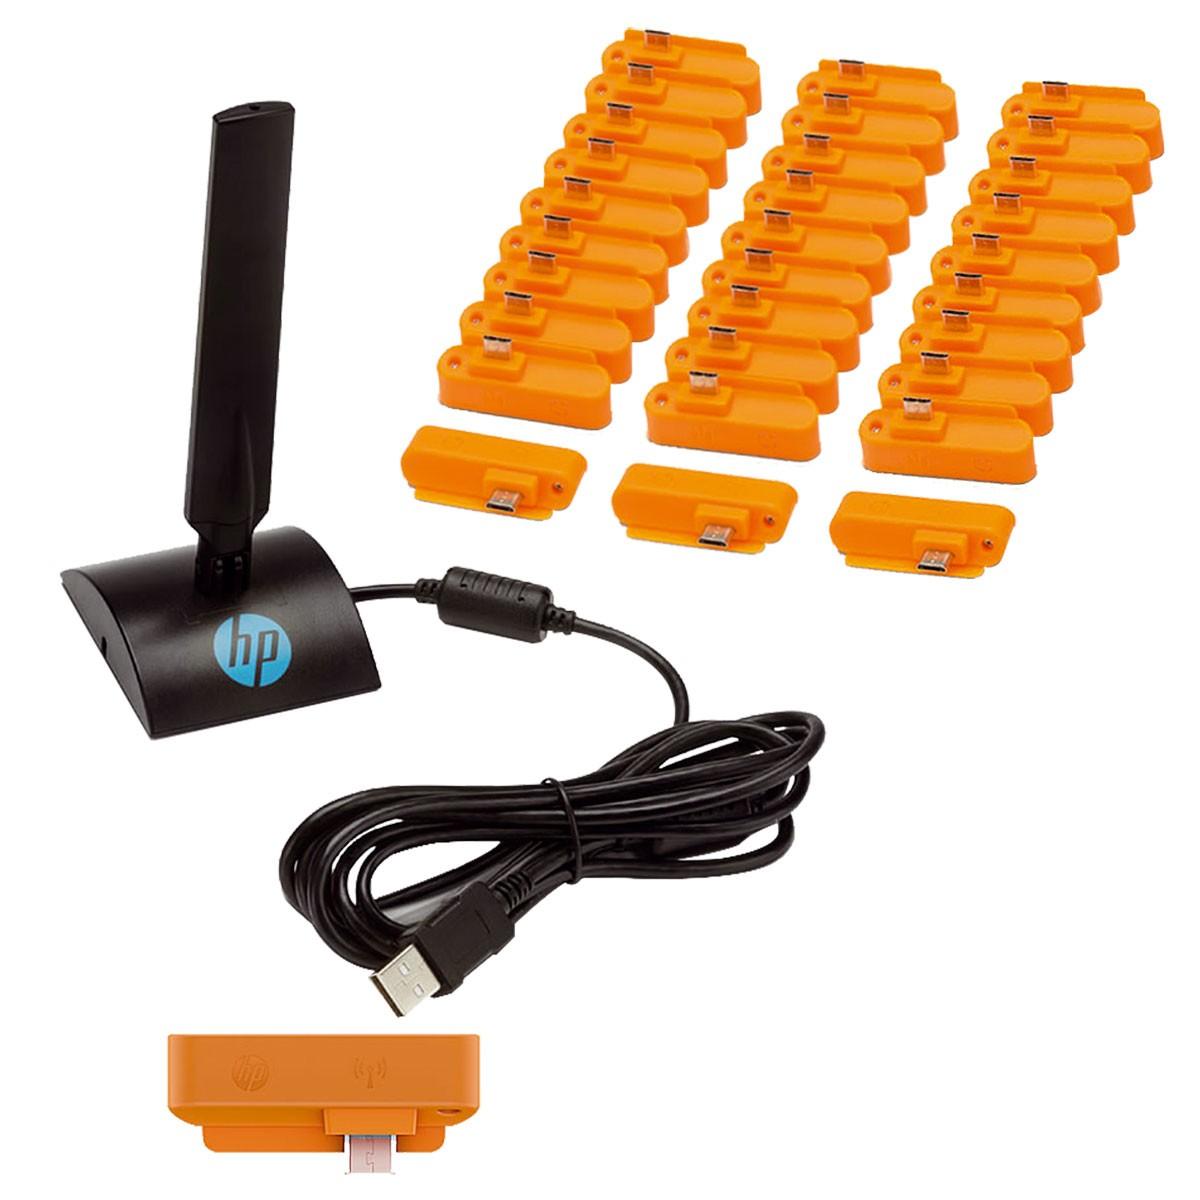 Klassenraum-Management - Taschenrechner - DynaTech